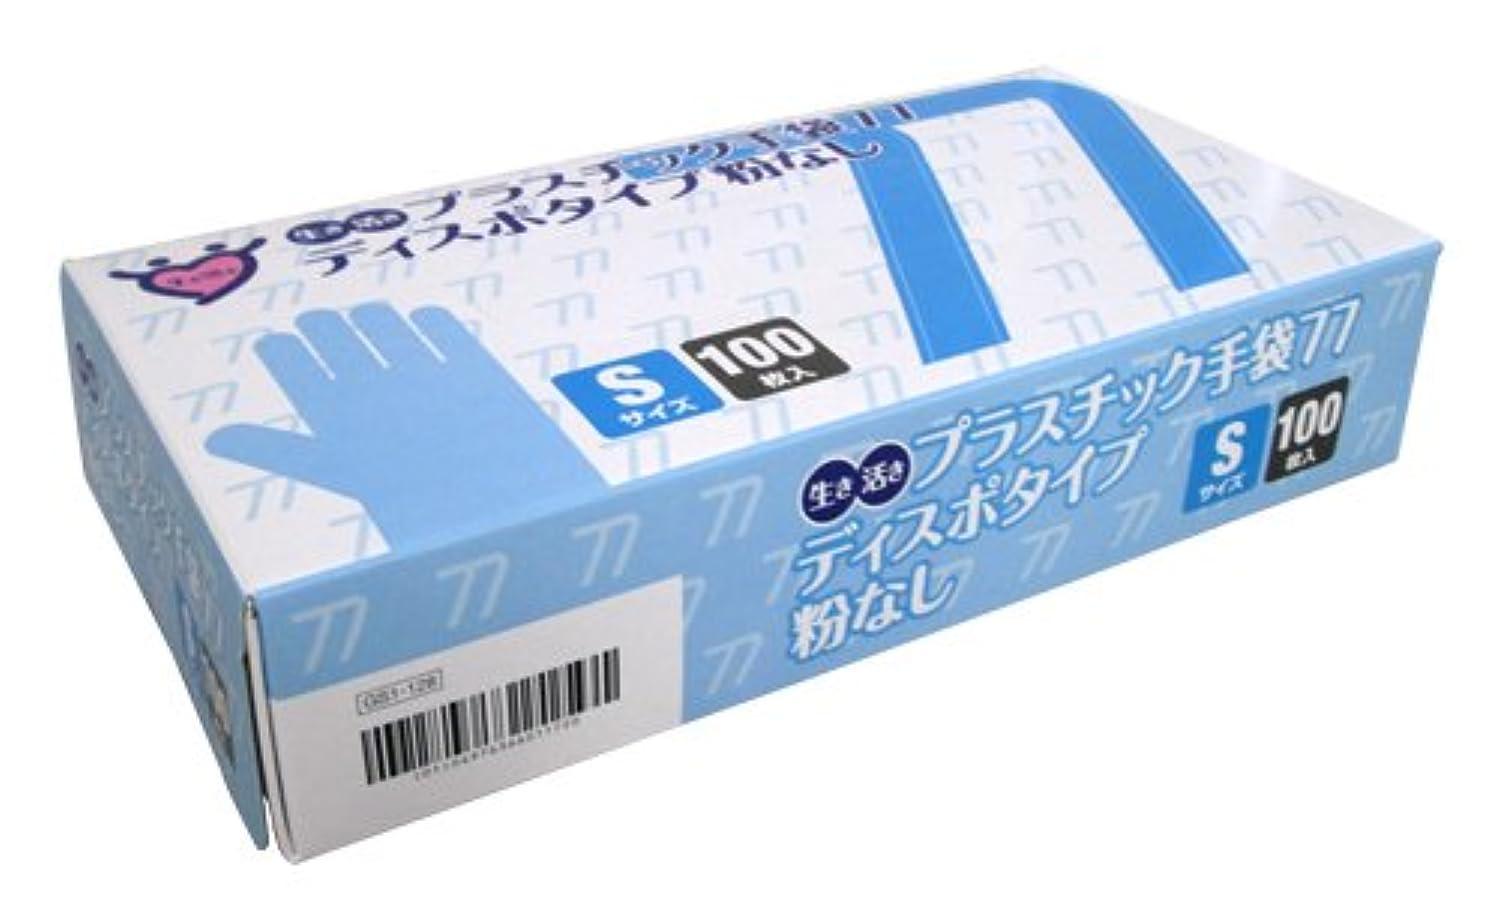 場所必要ない専門知識宇都宮製作 生き活きプラスチック手袋77 ディスポタイプ 粉なし 100枚入 S